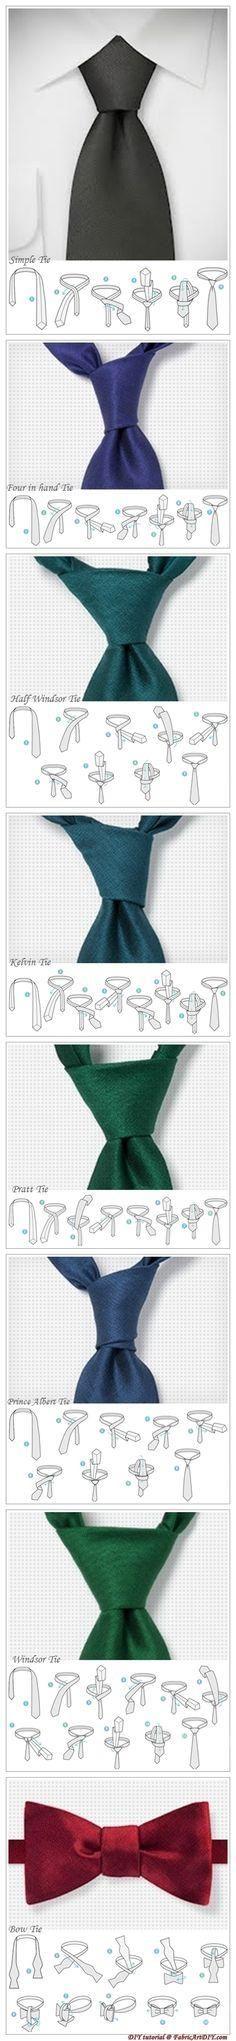 New Clear Plastic Neckties Necktie Tie Sleeves 600 Counts